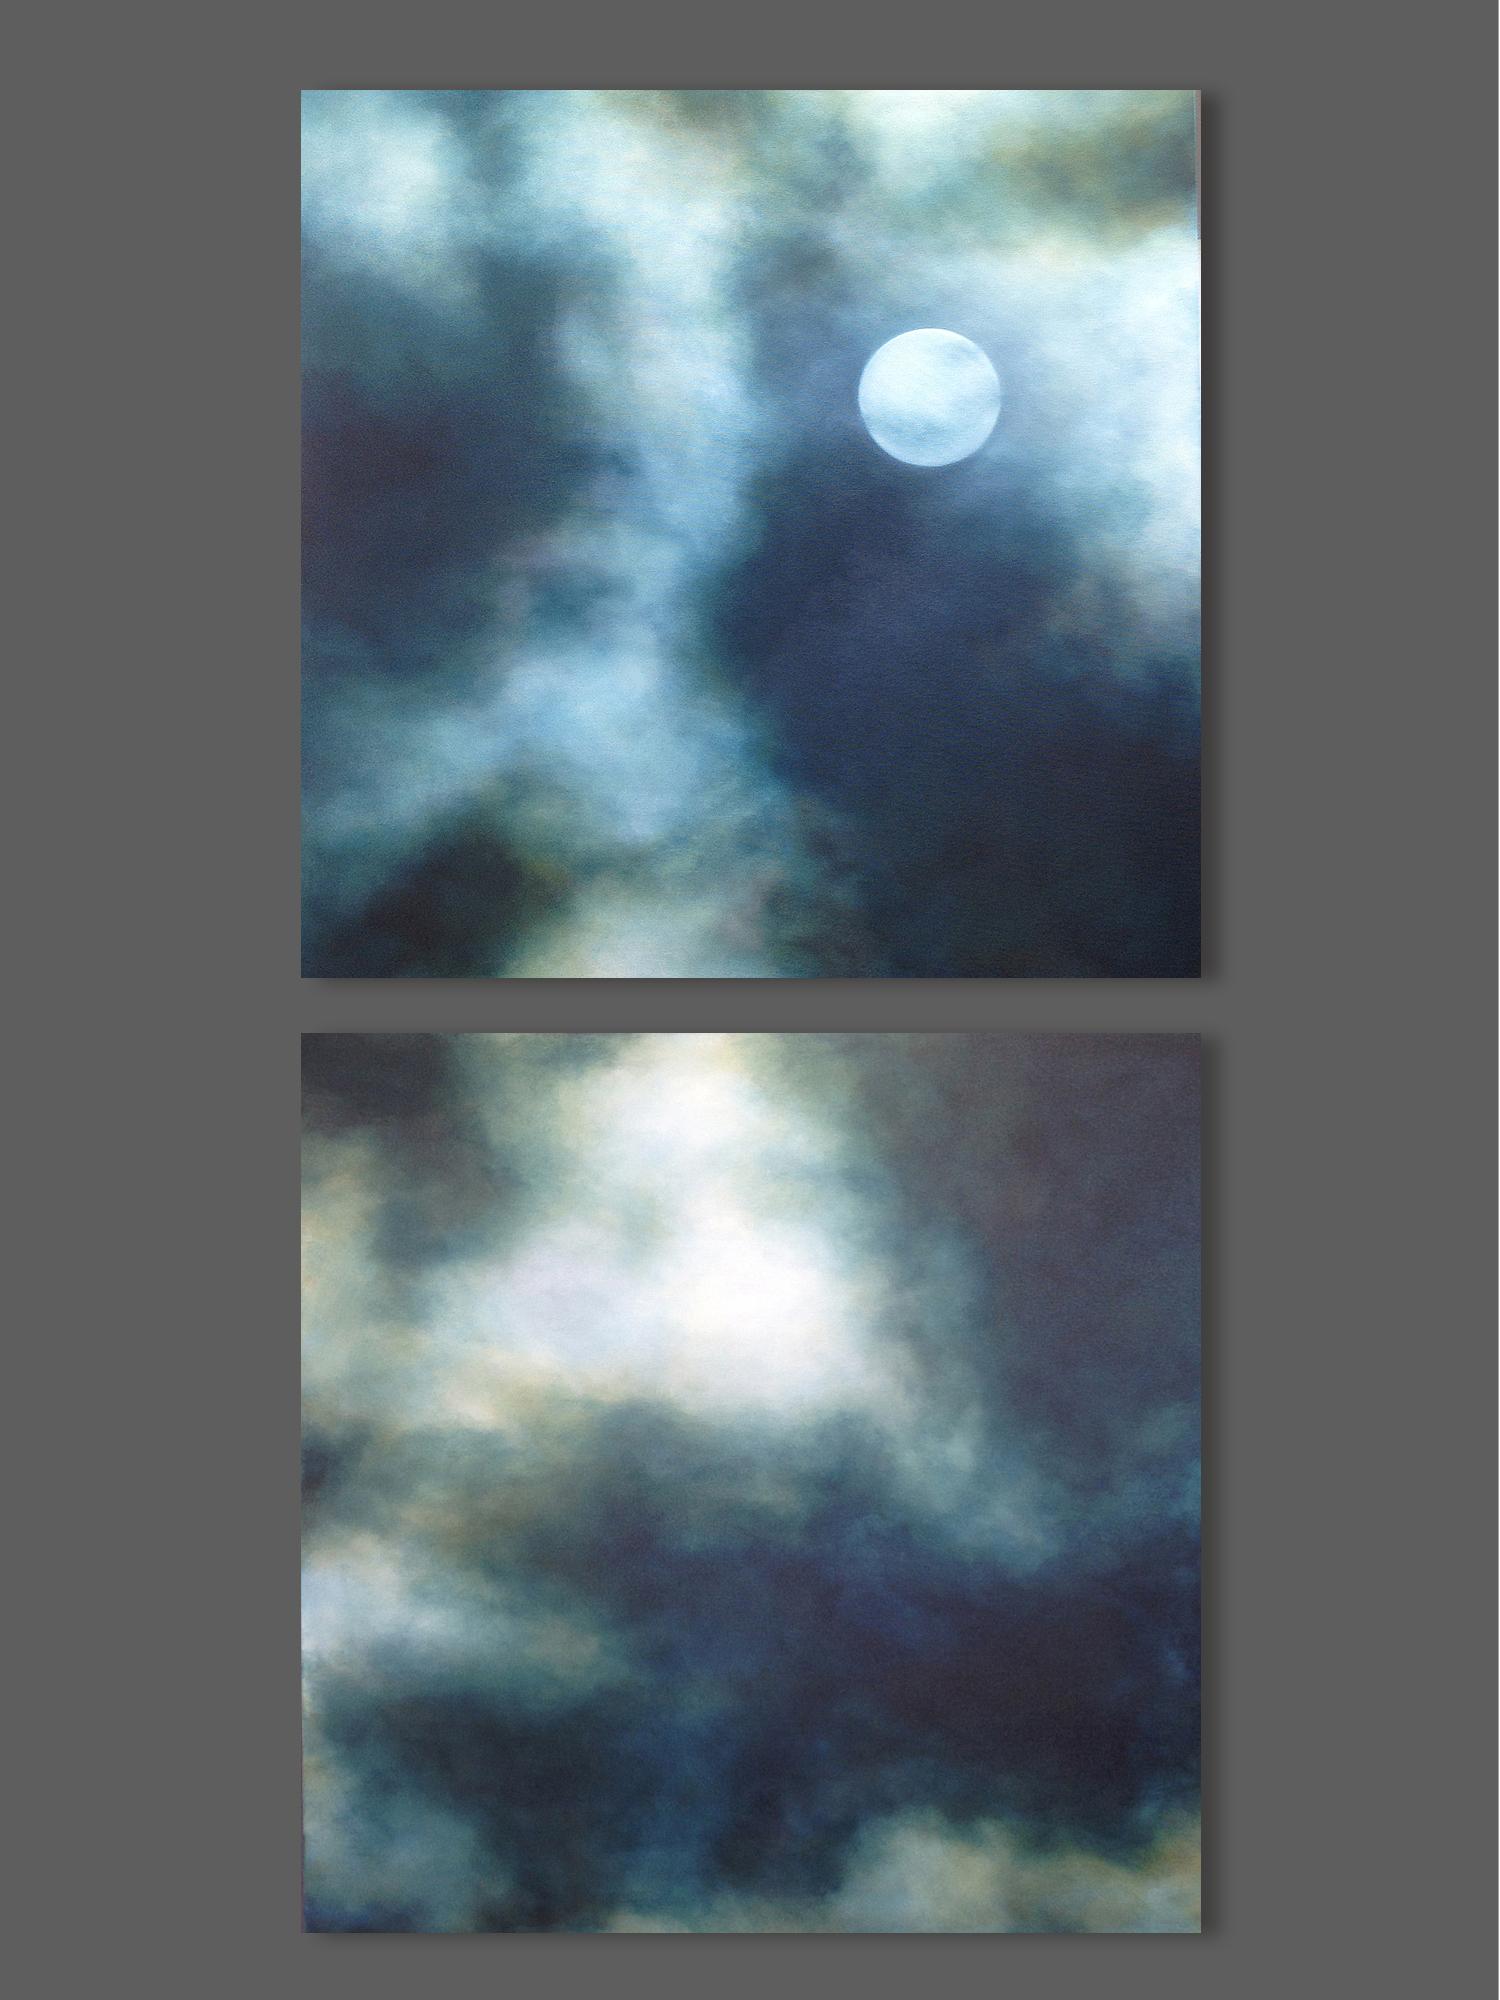 Drawn night sky moon painting Painting large sky sky Moon